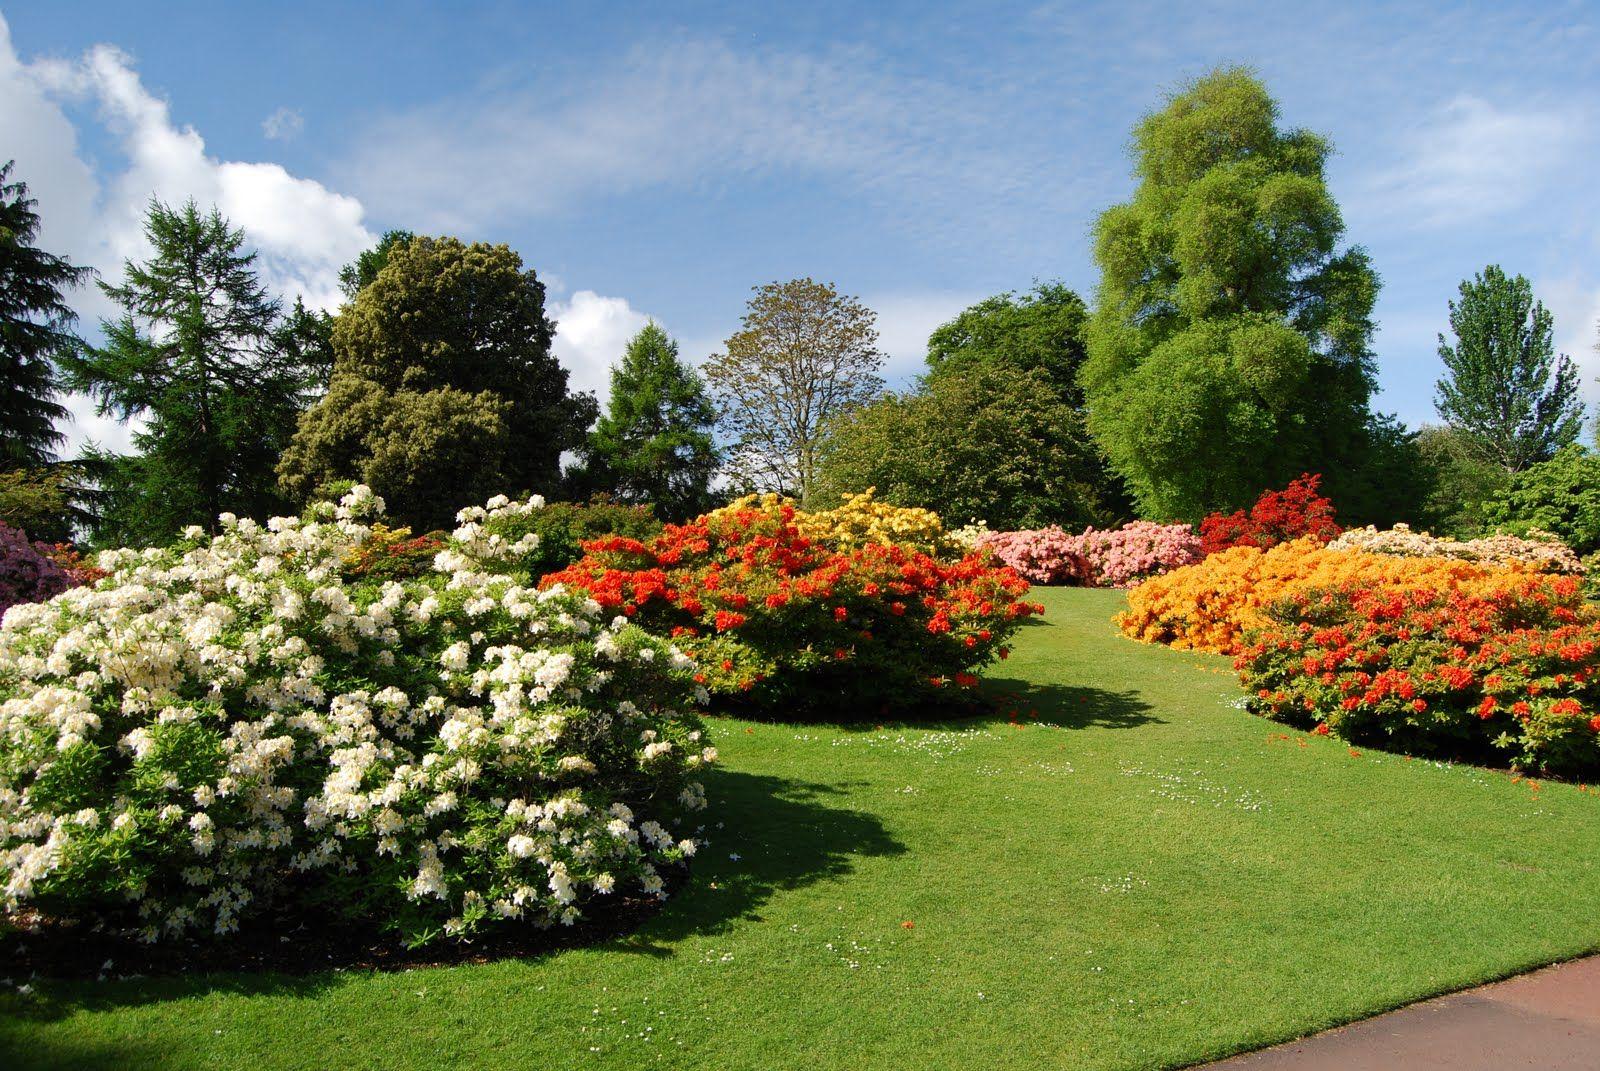 Gambar Taman Bunga Di Eropa Di Era Yang Semakin Modern Ini Pemasaran Hp Android Telah Sangat Luas S Botanical Gardens Botanic Gardens Edinburgh Public Garden